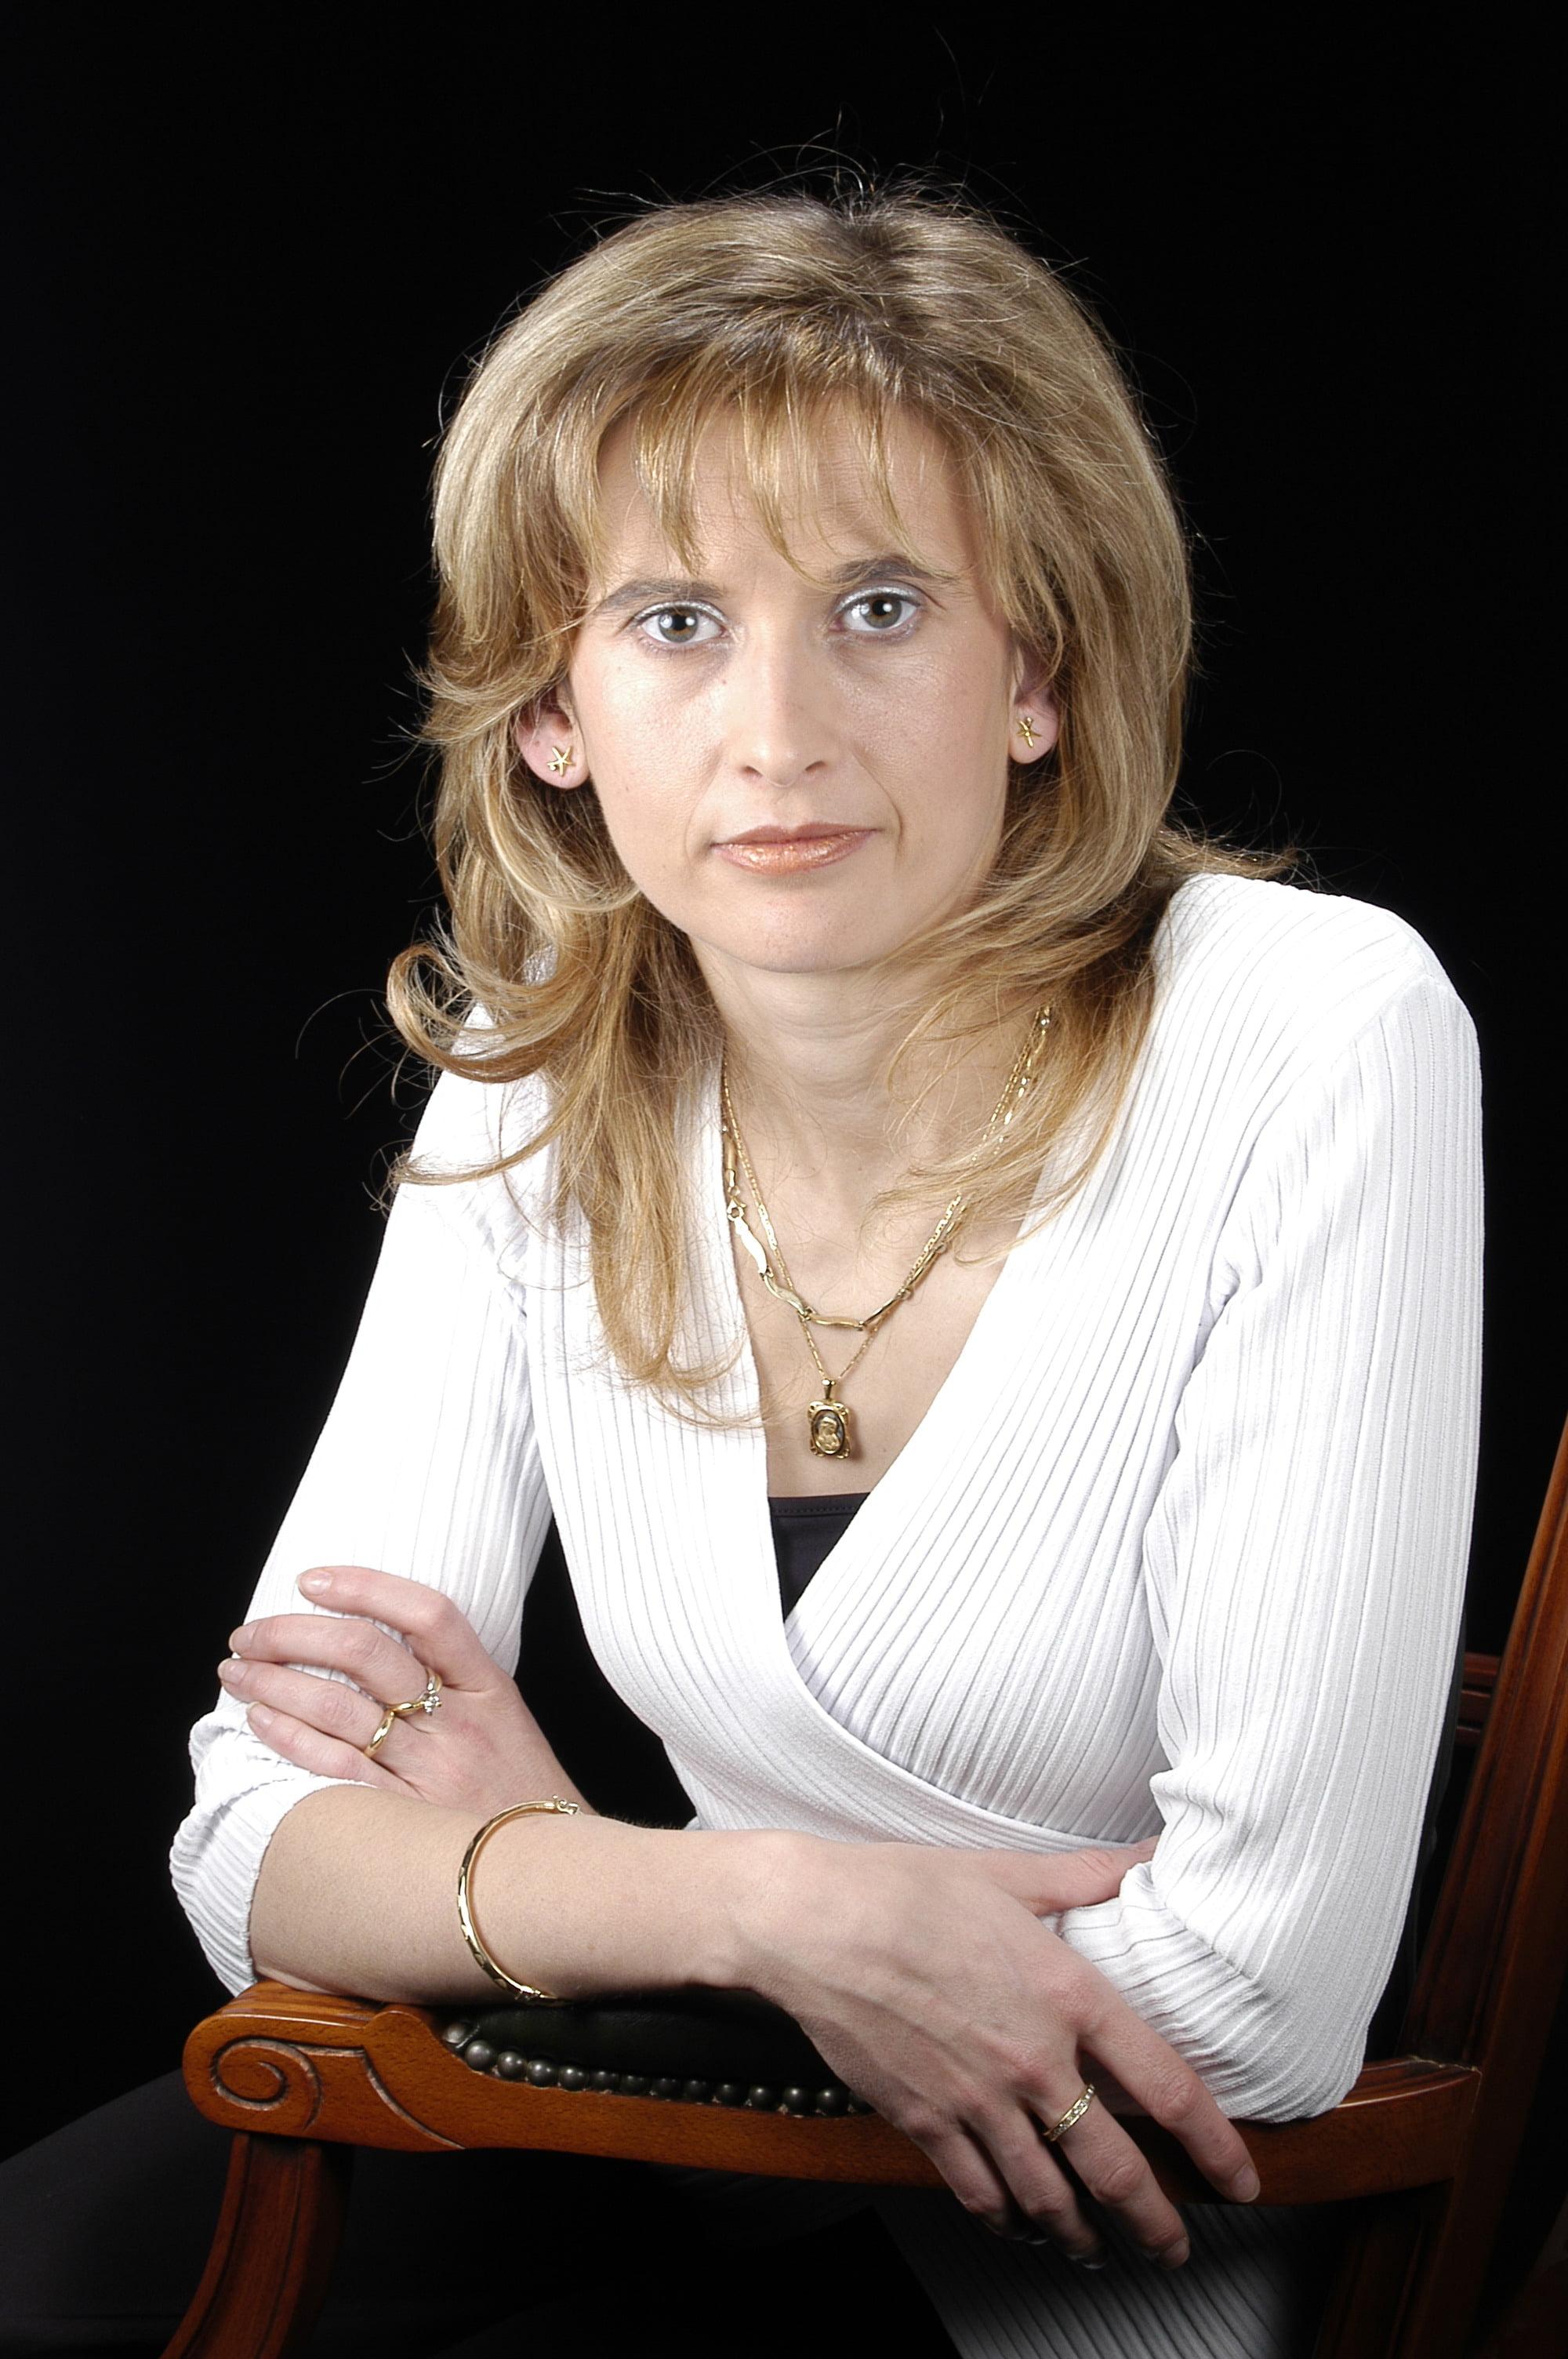 Dra. Mª Ángeles Idiazábal Alecha